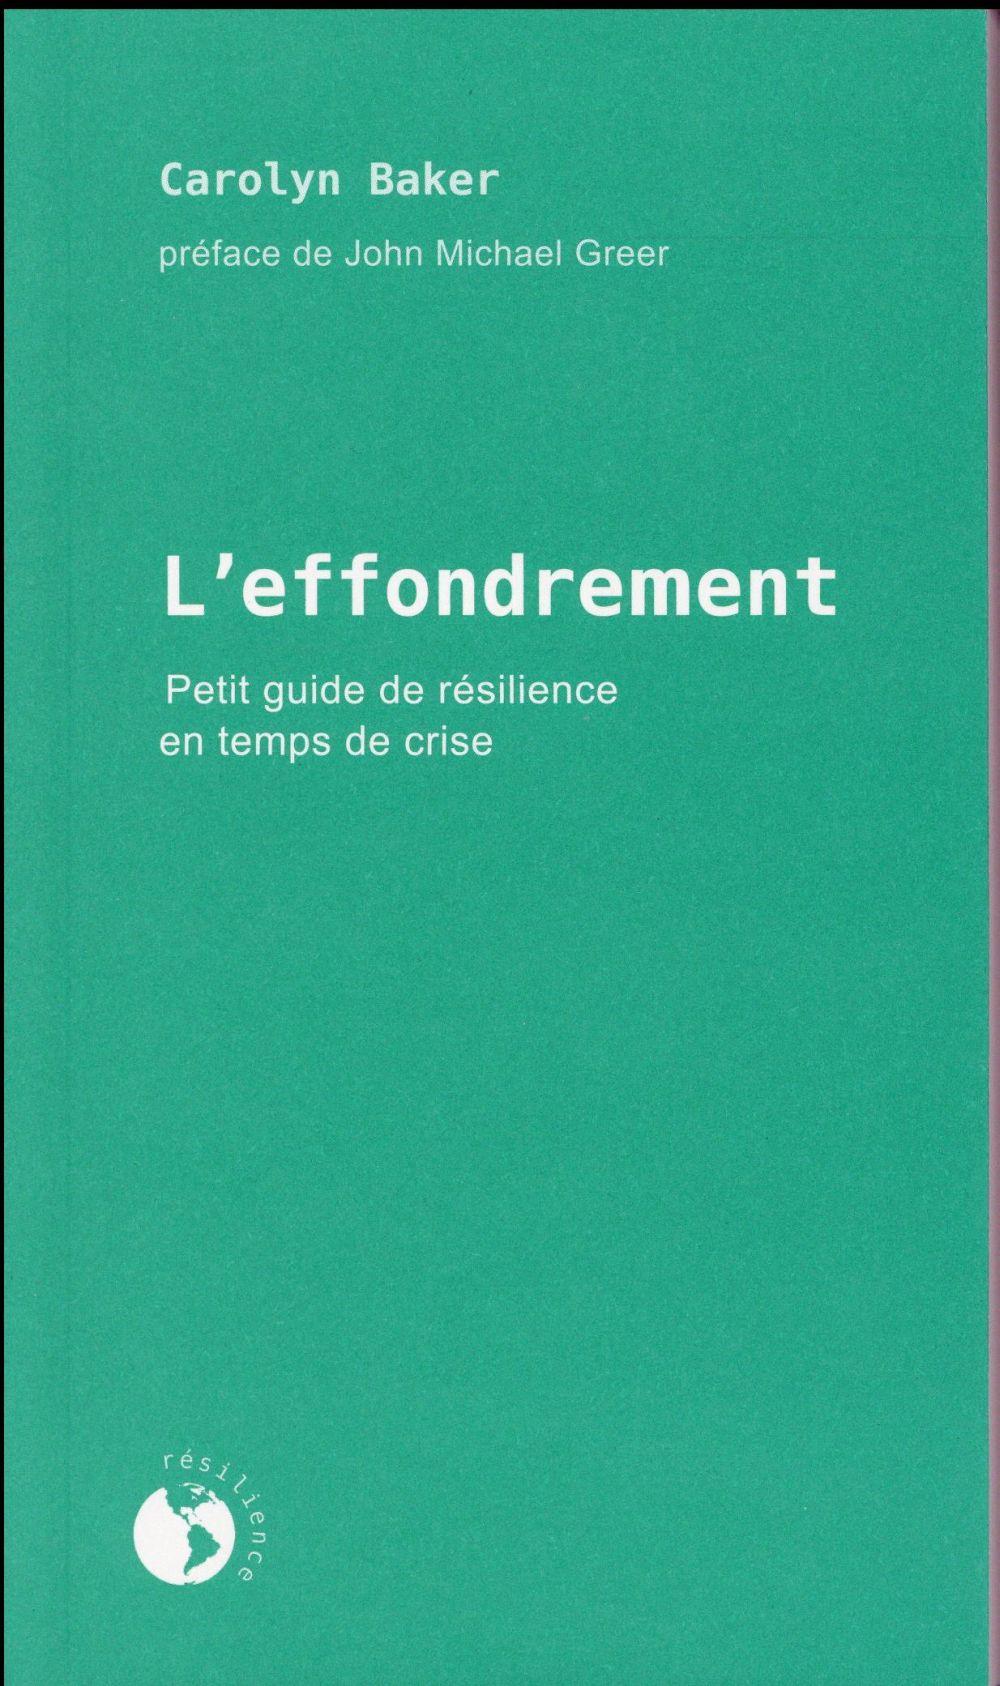 L'EFFONDREMENT : PETIT GUIDE DE RESILIENCE EN TEMPS DE CRISE